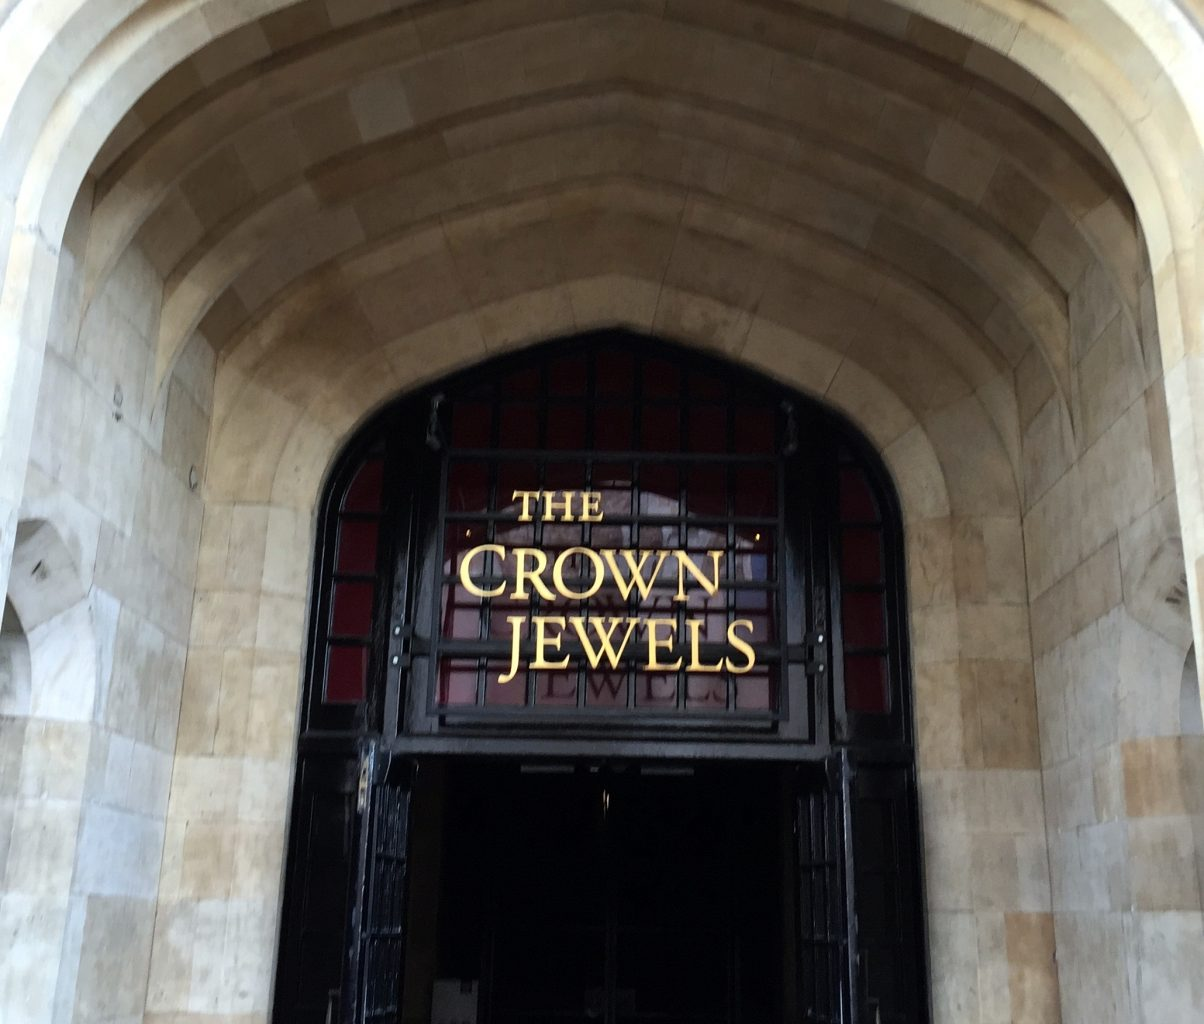 Entrada a las Joyas de la Corona. Torre de Londres